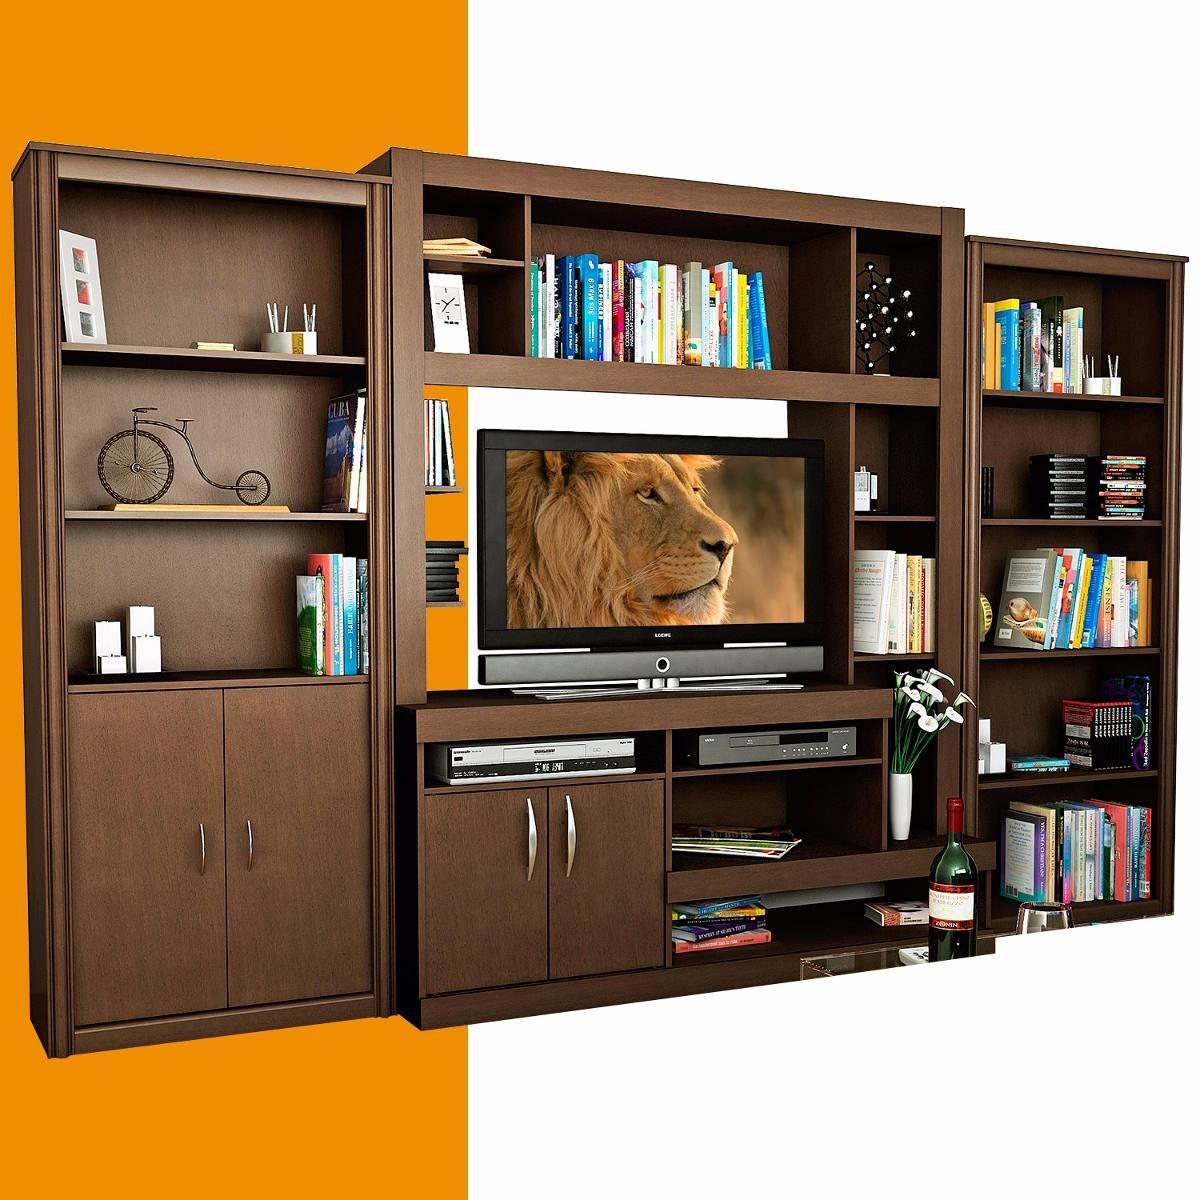 Juego Modular Rack Mesa Tv Led Lcd 42 Bibliotecas Melamina 950701  # Muebles Bibliotecas Modulares